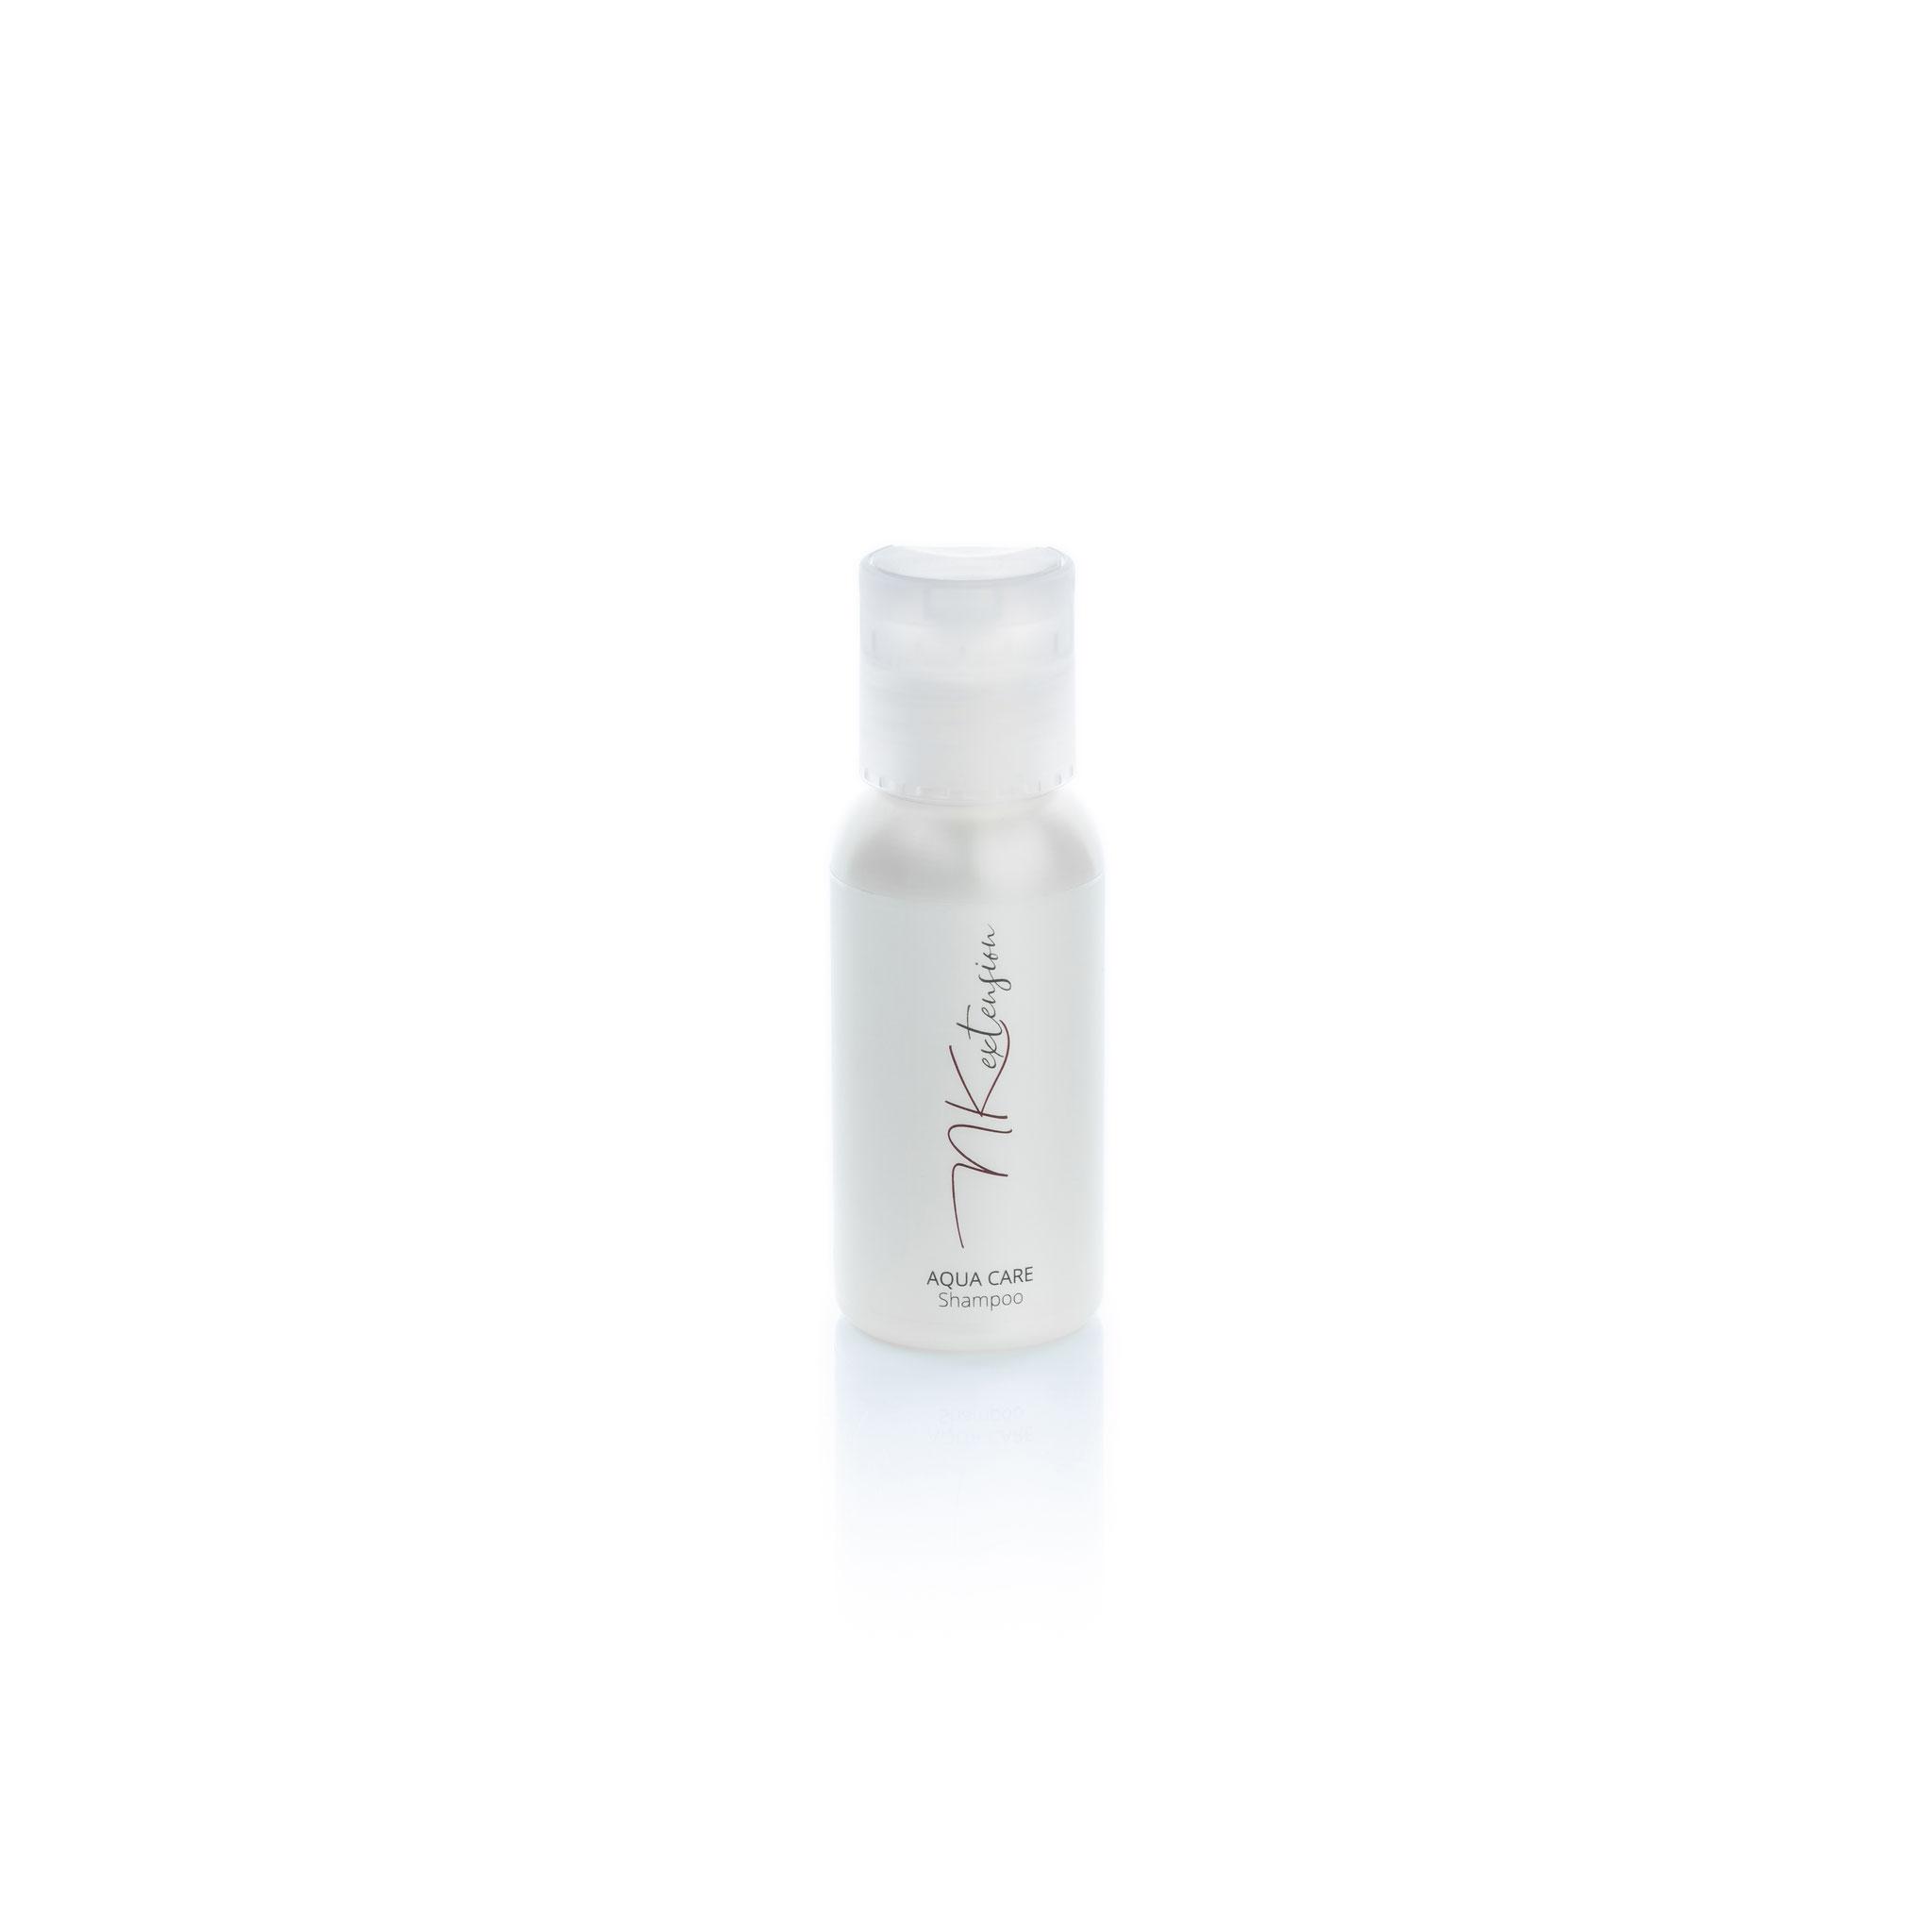 Aqua Care Shampoo 50ml